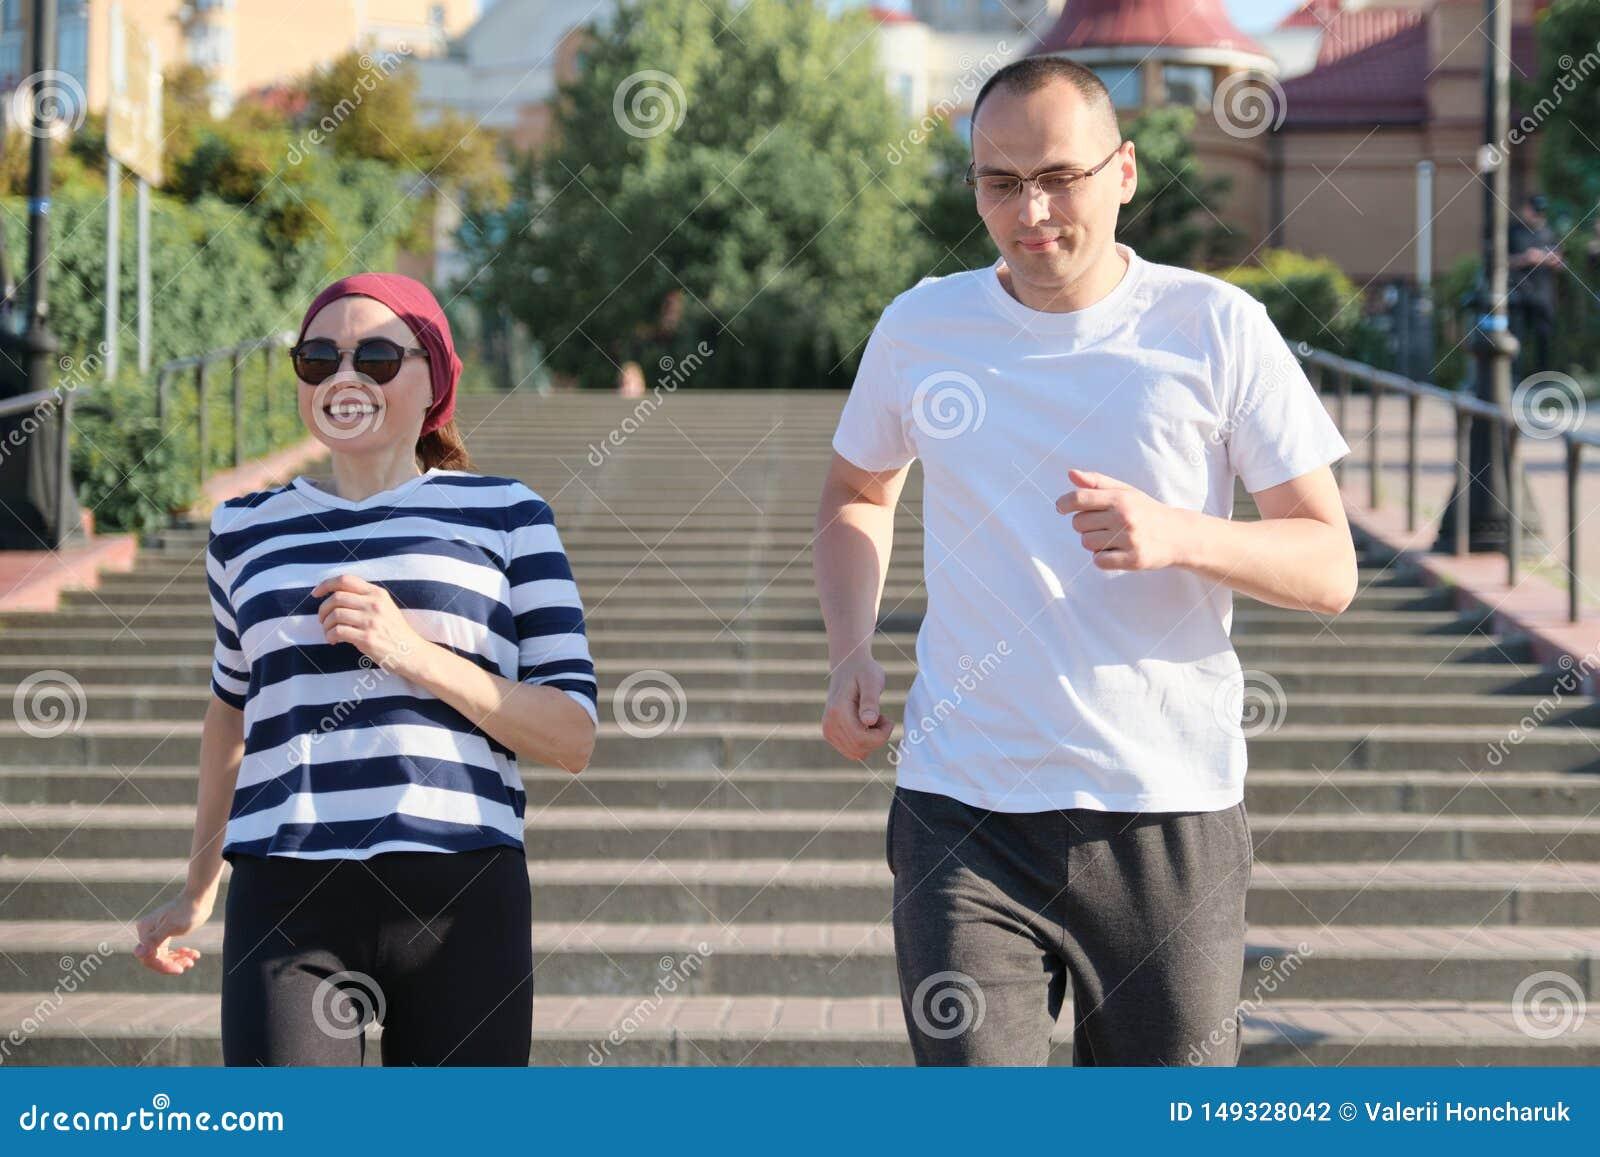 Actieve gezonde levensstijl van rijp paar Man en vrouw die op middelbare leeftijd boven lopen